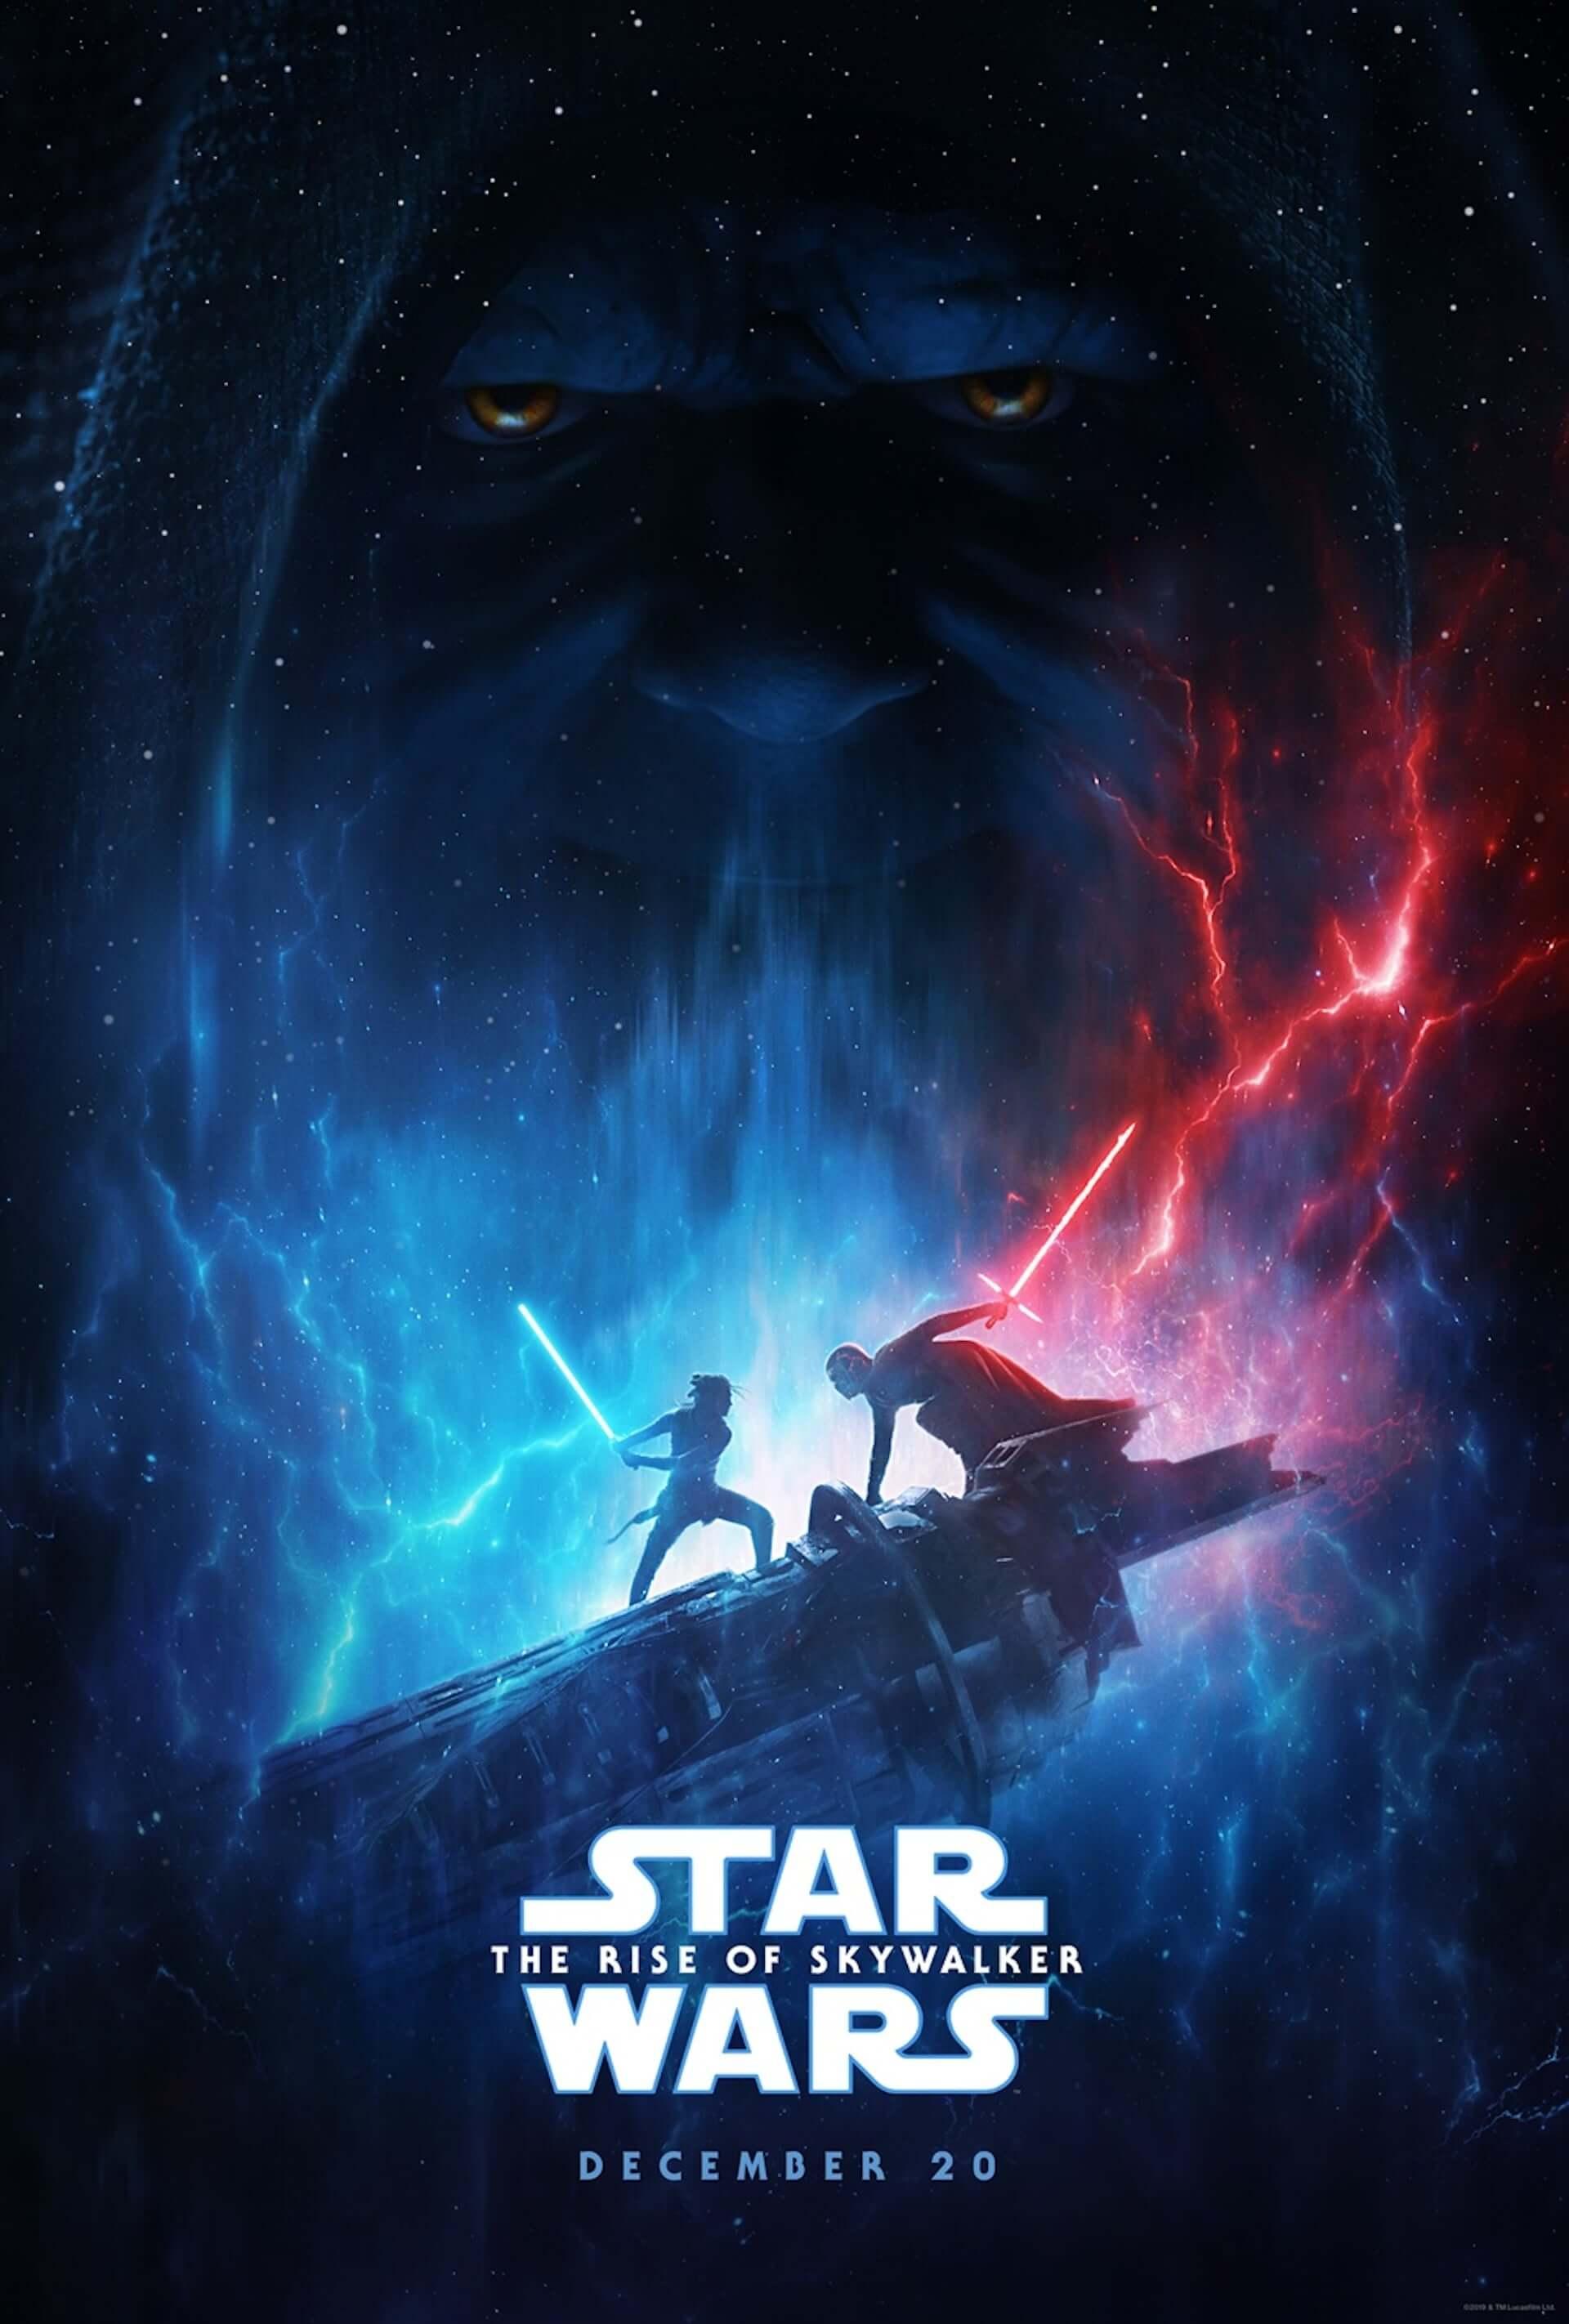 『スター・ウォーズ/スカイウォーカーの夜明け』の最新予告で主人公レイが手にしていたのは...... film190827_starwars_trailer_main-1920x2844